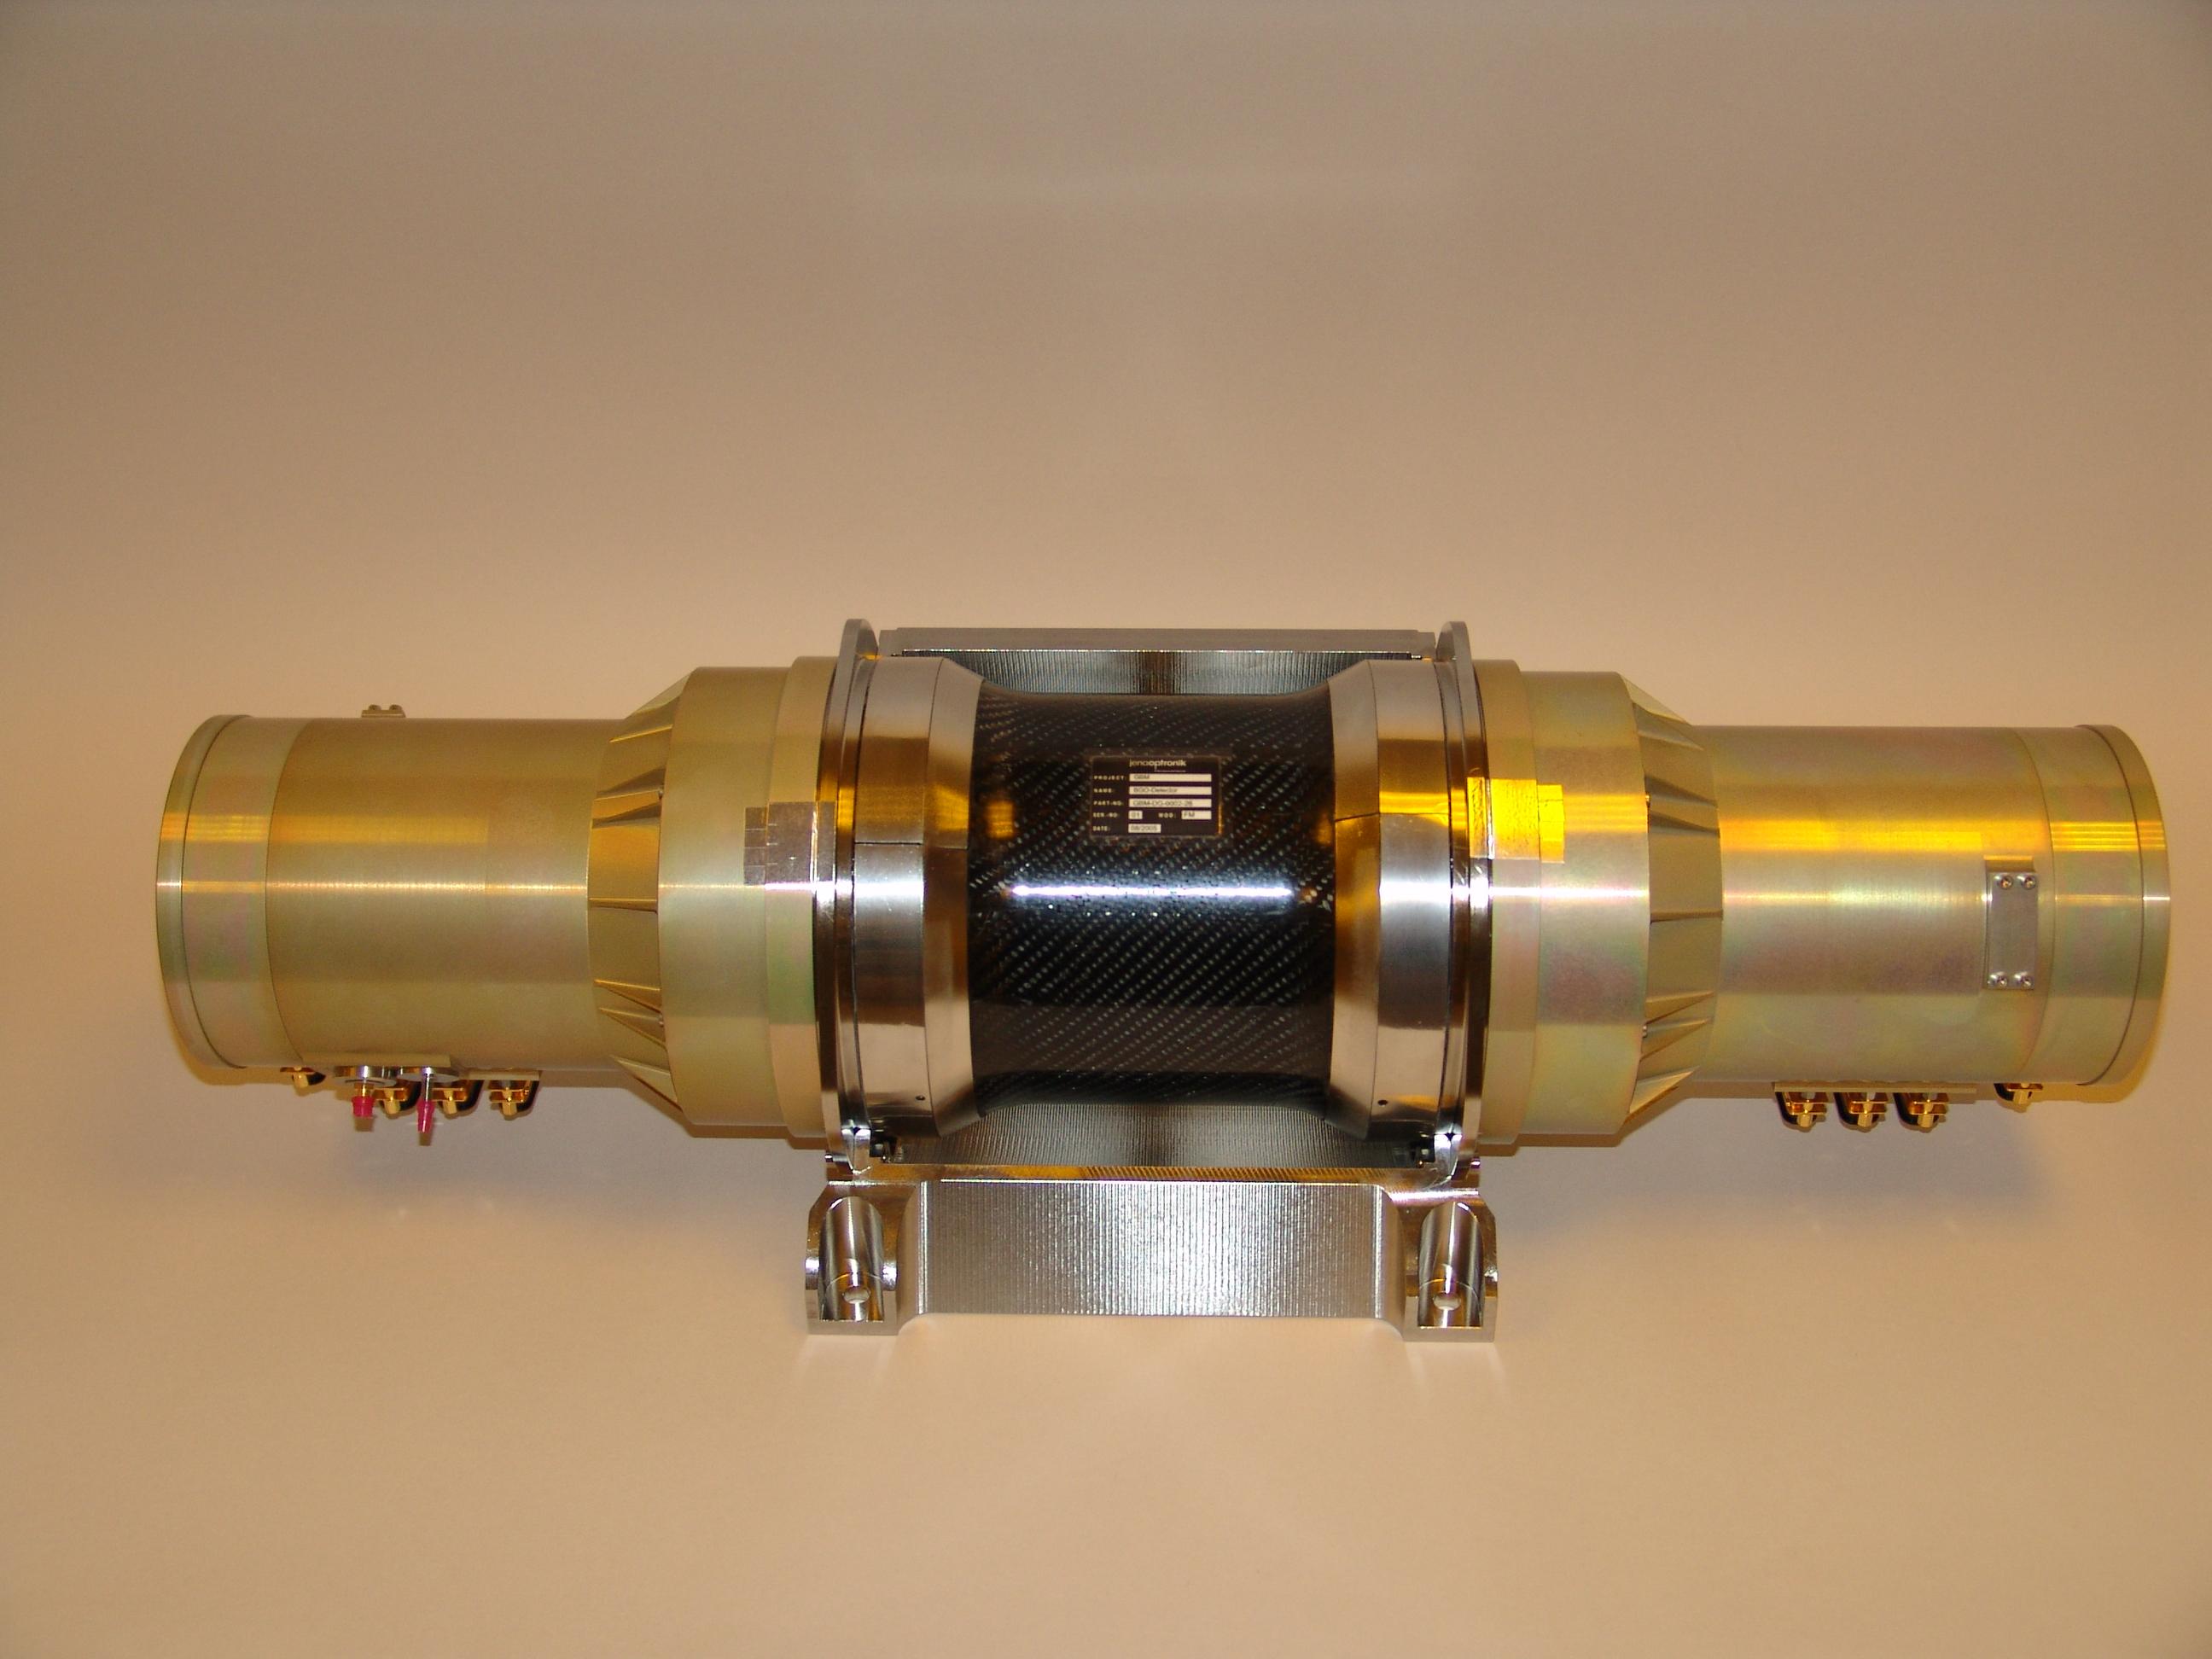 MPE : High-Energy Astrophysics - Fermi - GBM - Instrument